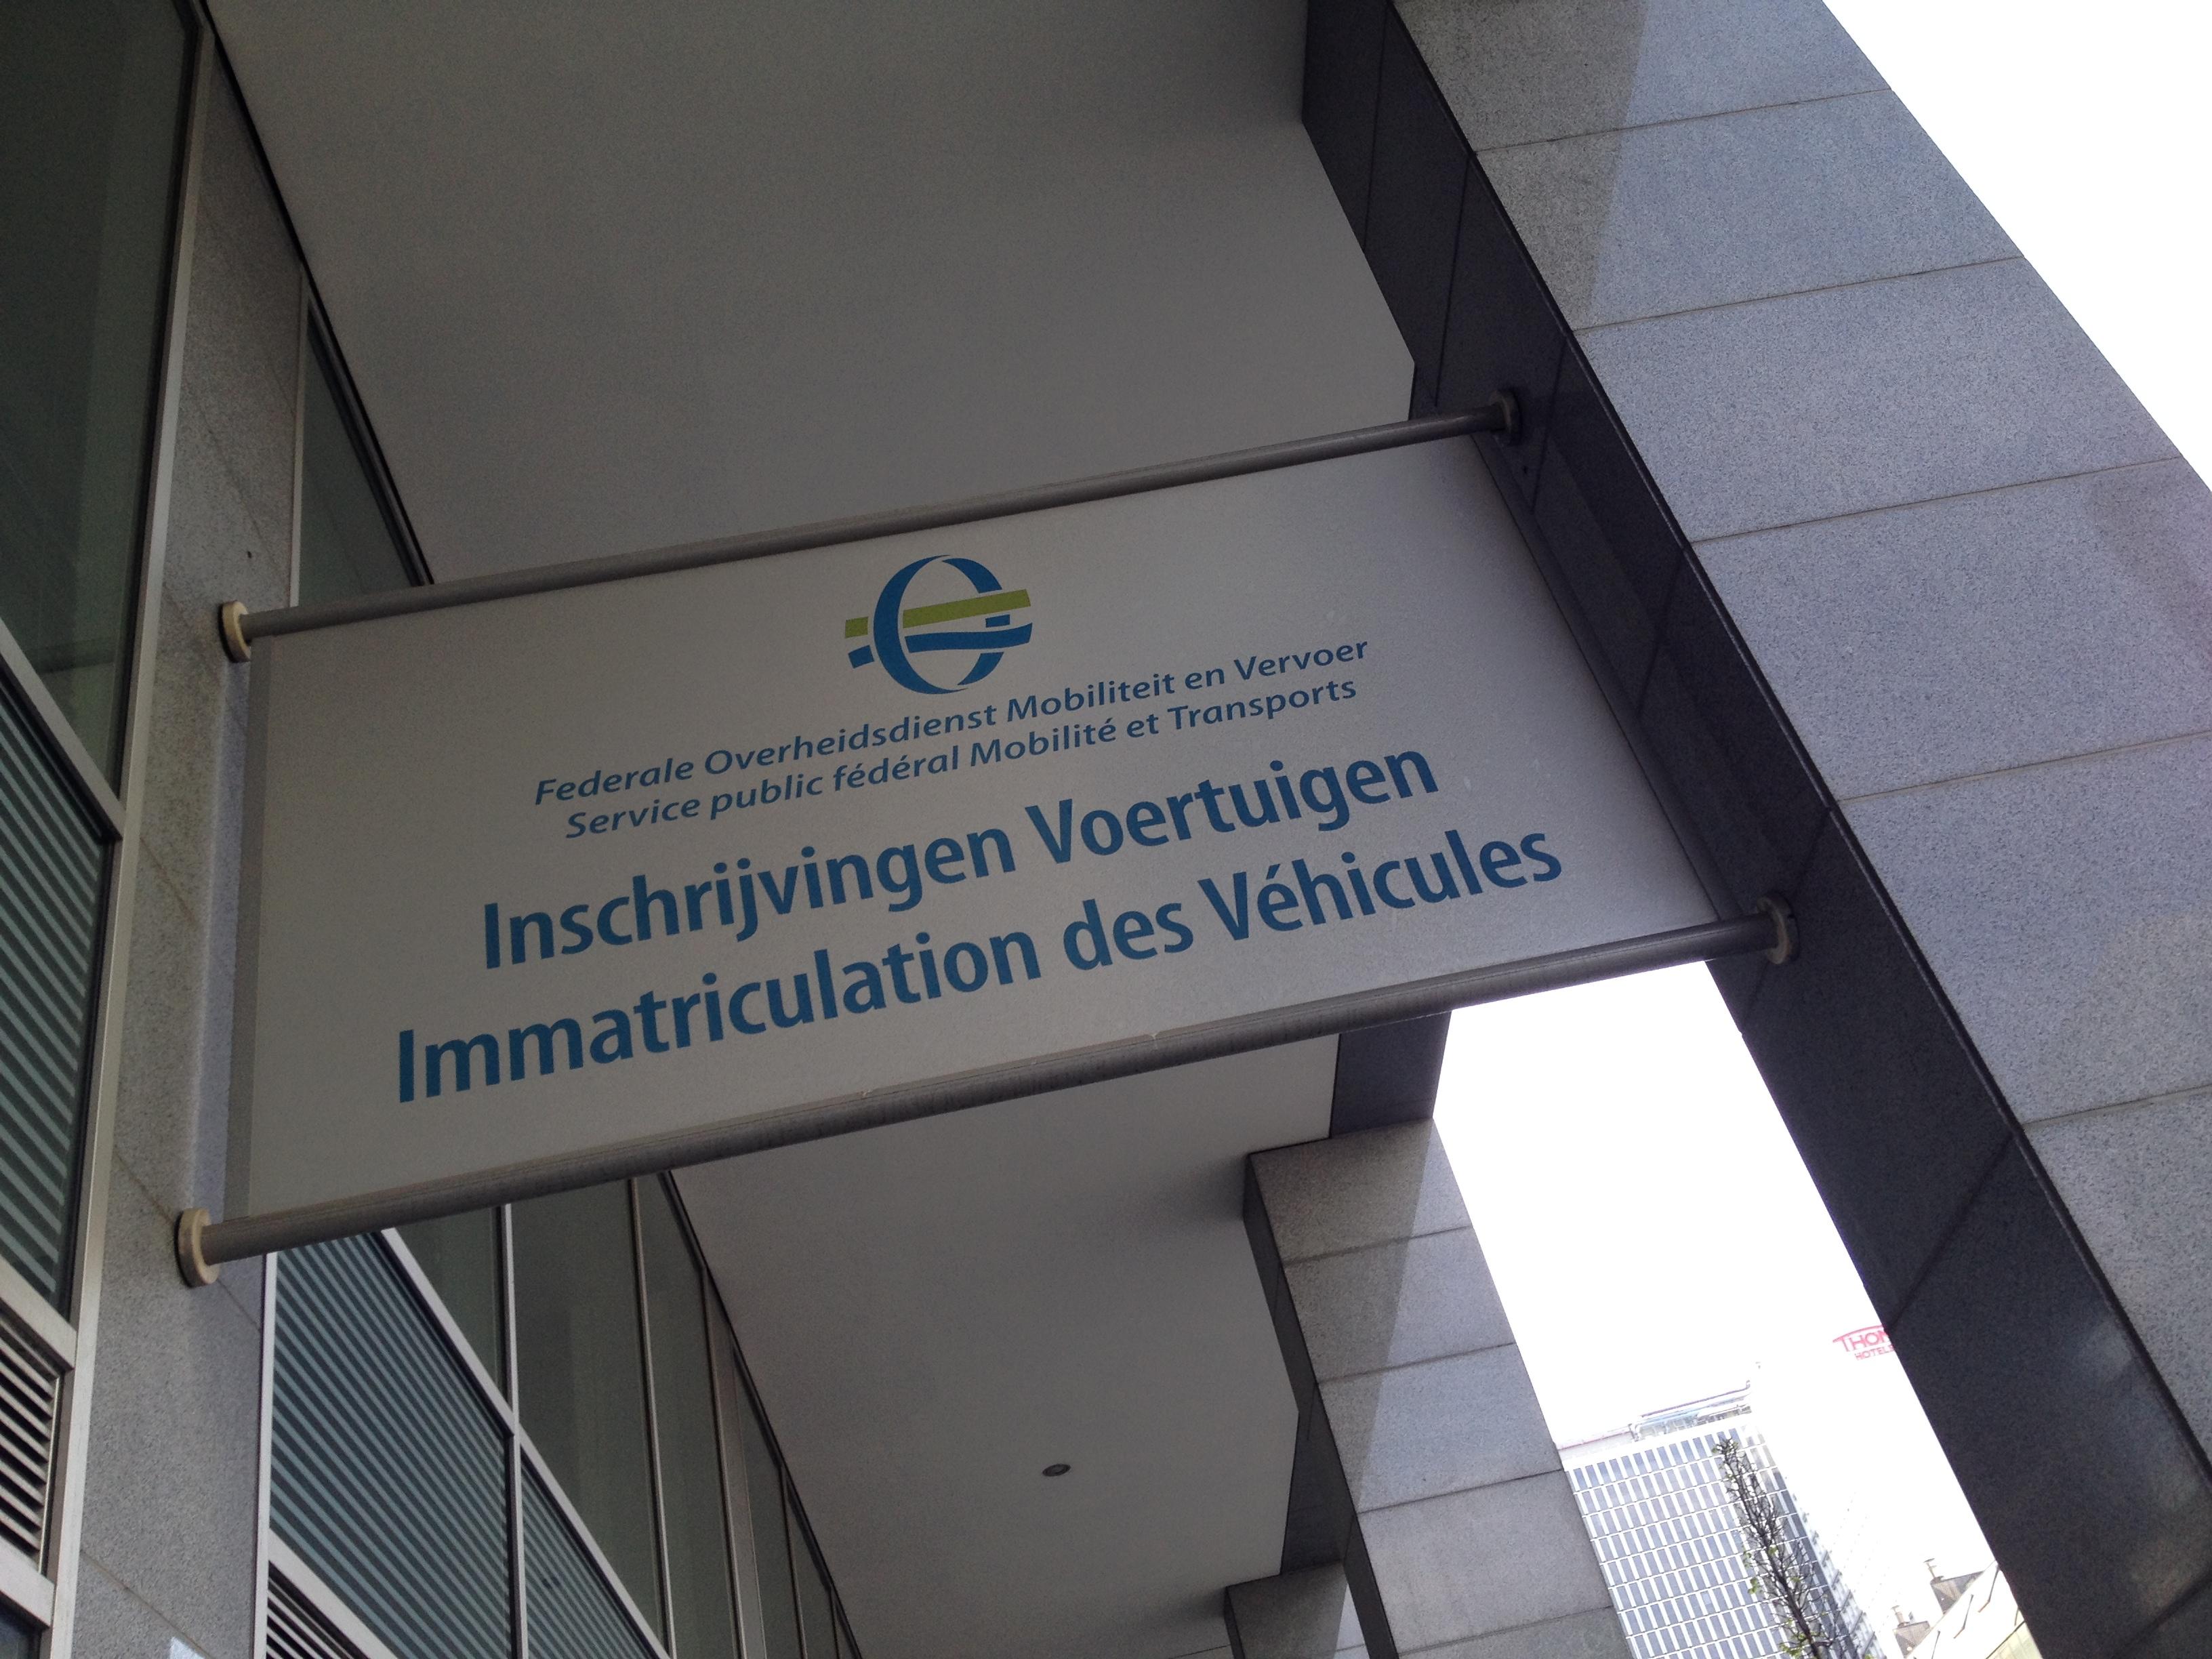 Belgian Motor Vehicle Registry